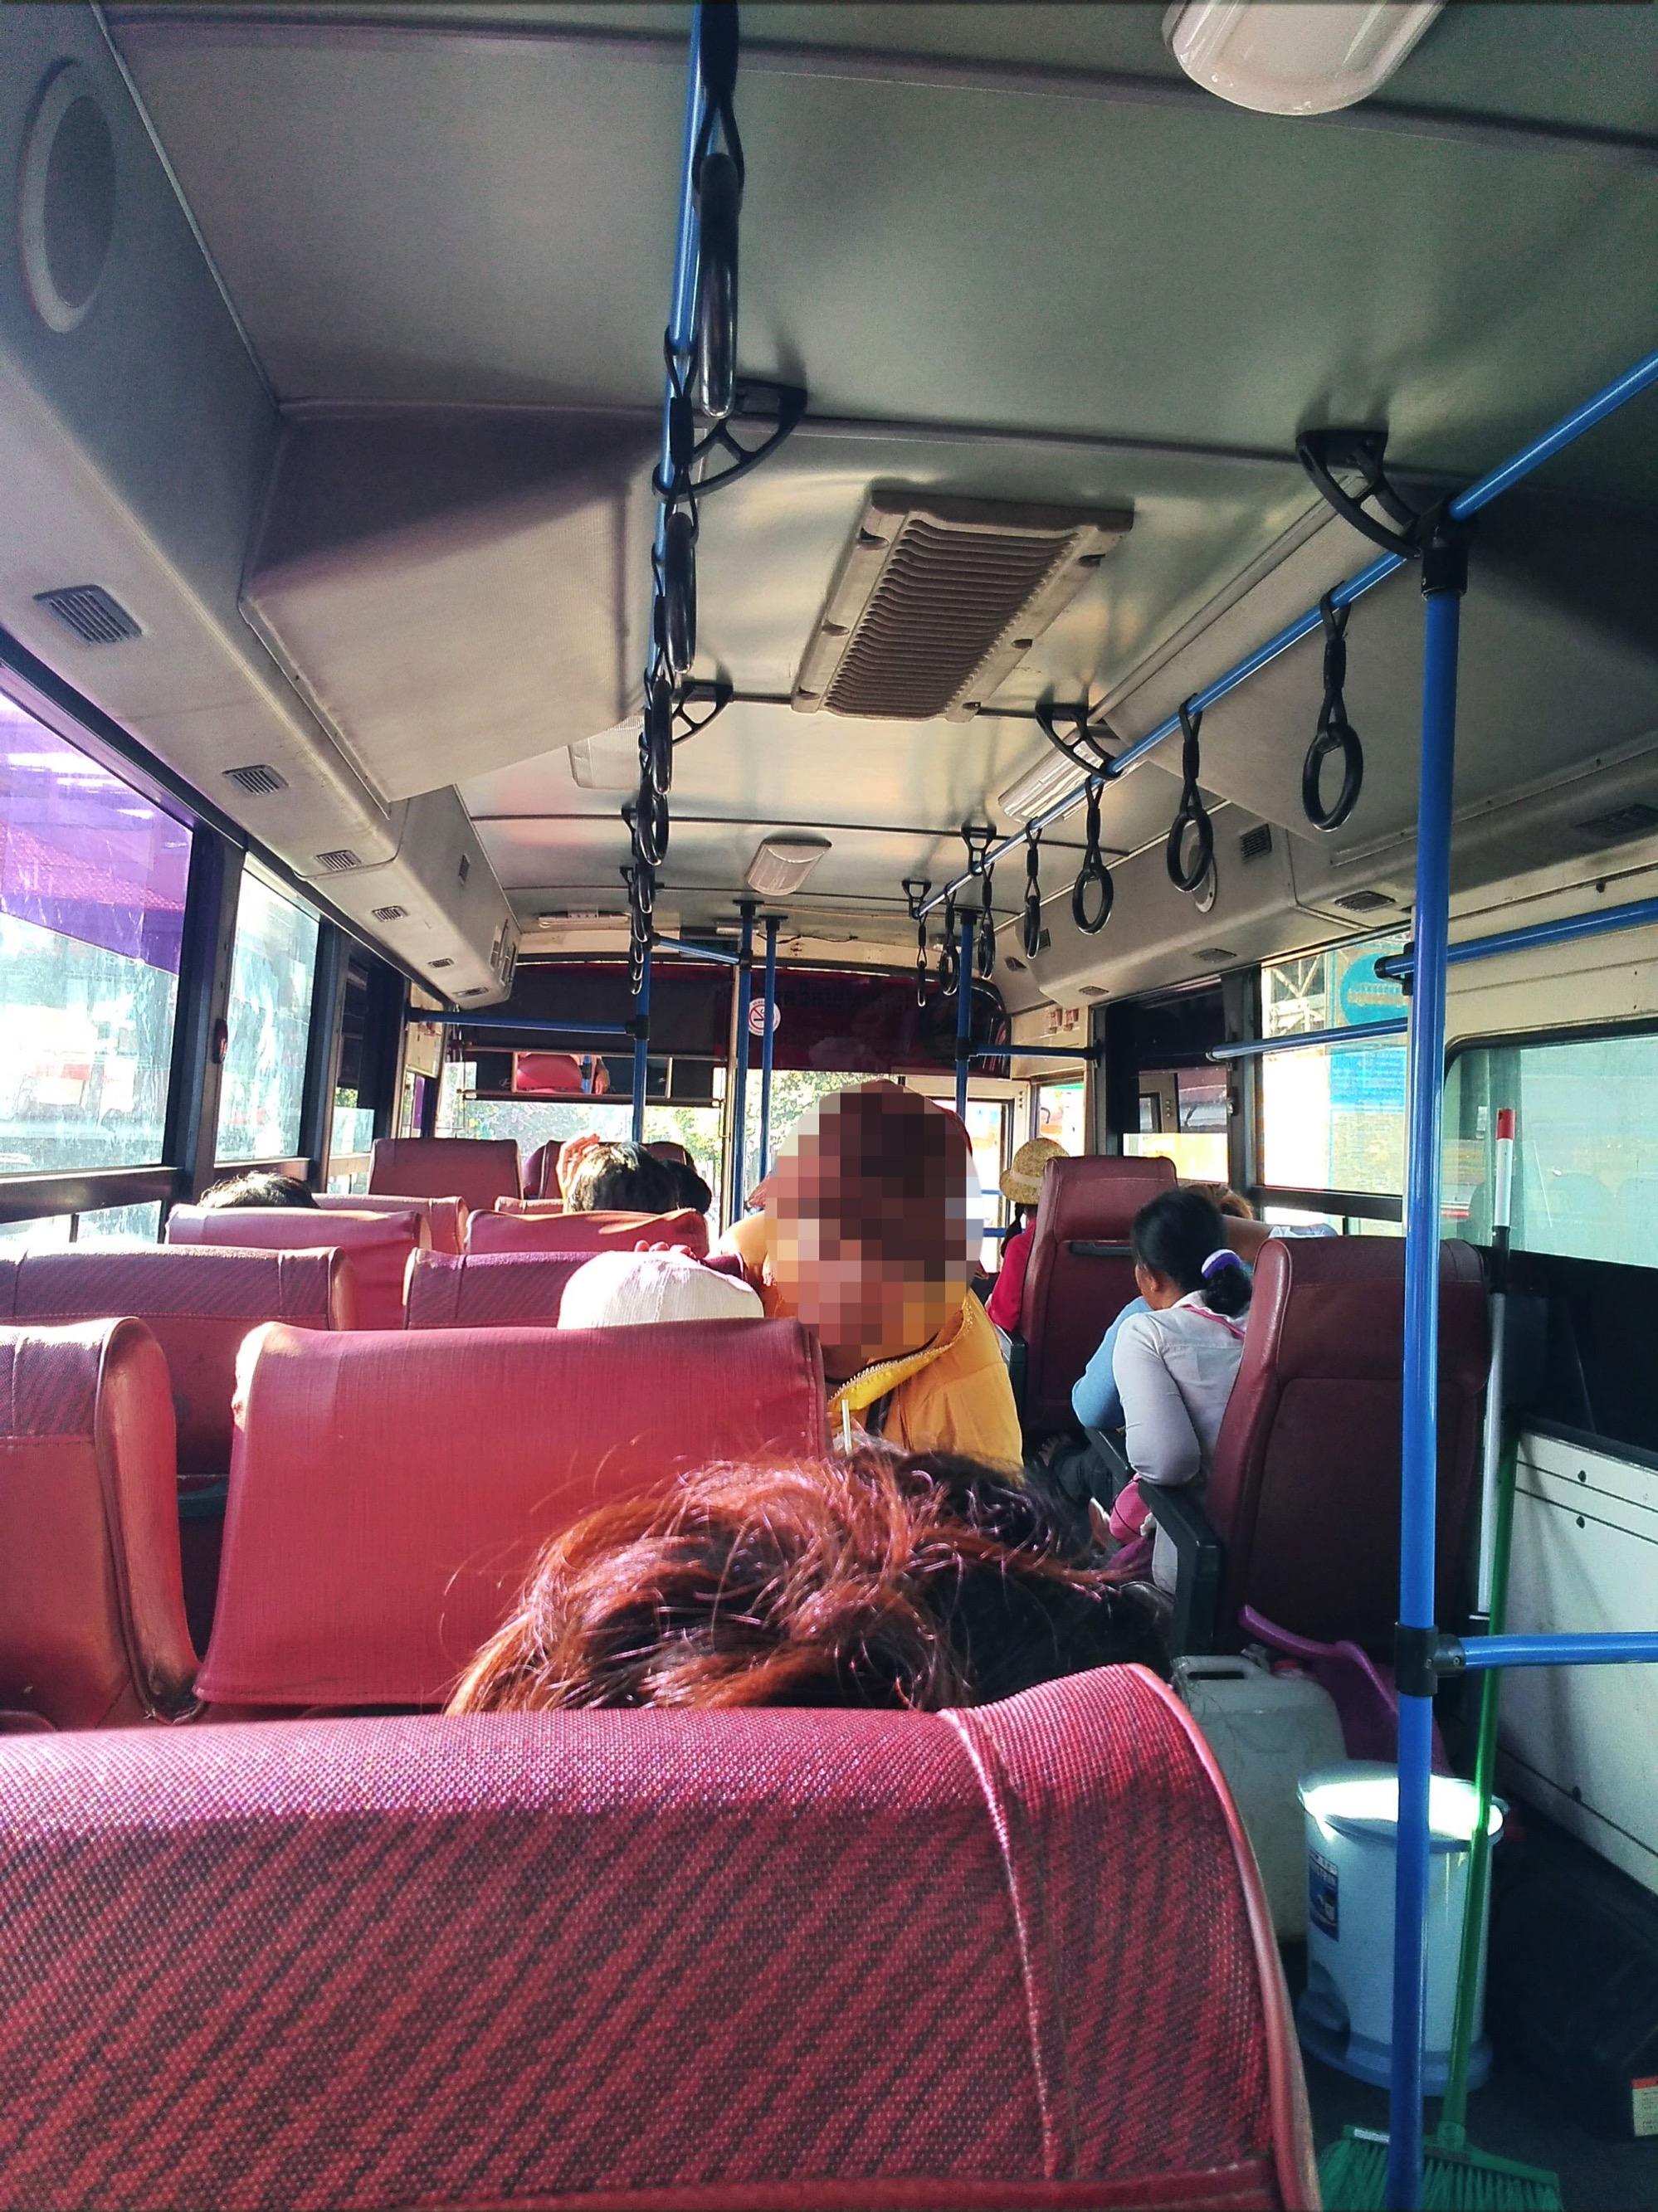 プノンペンの市バスの車内